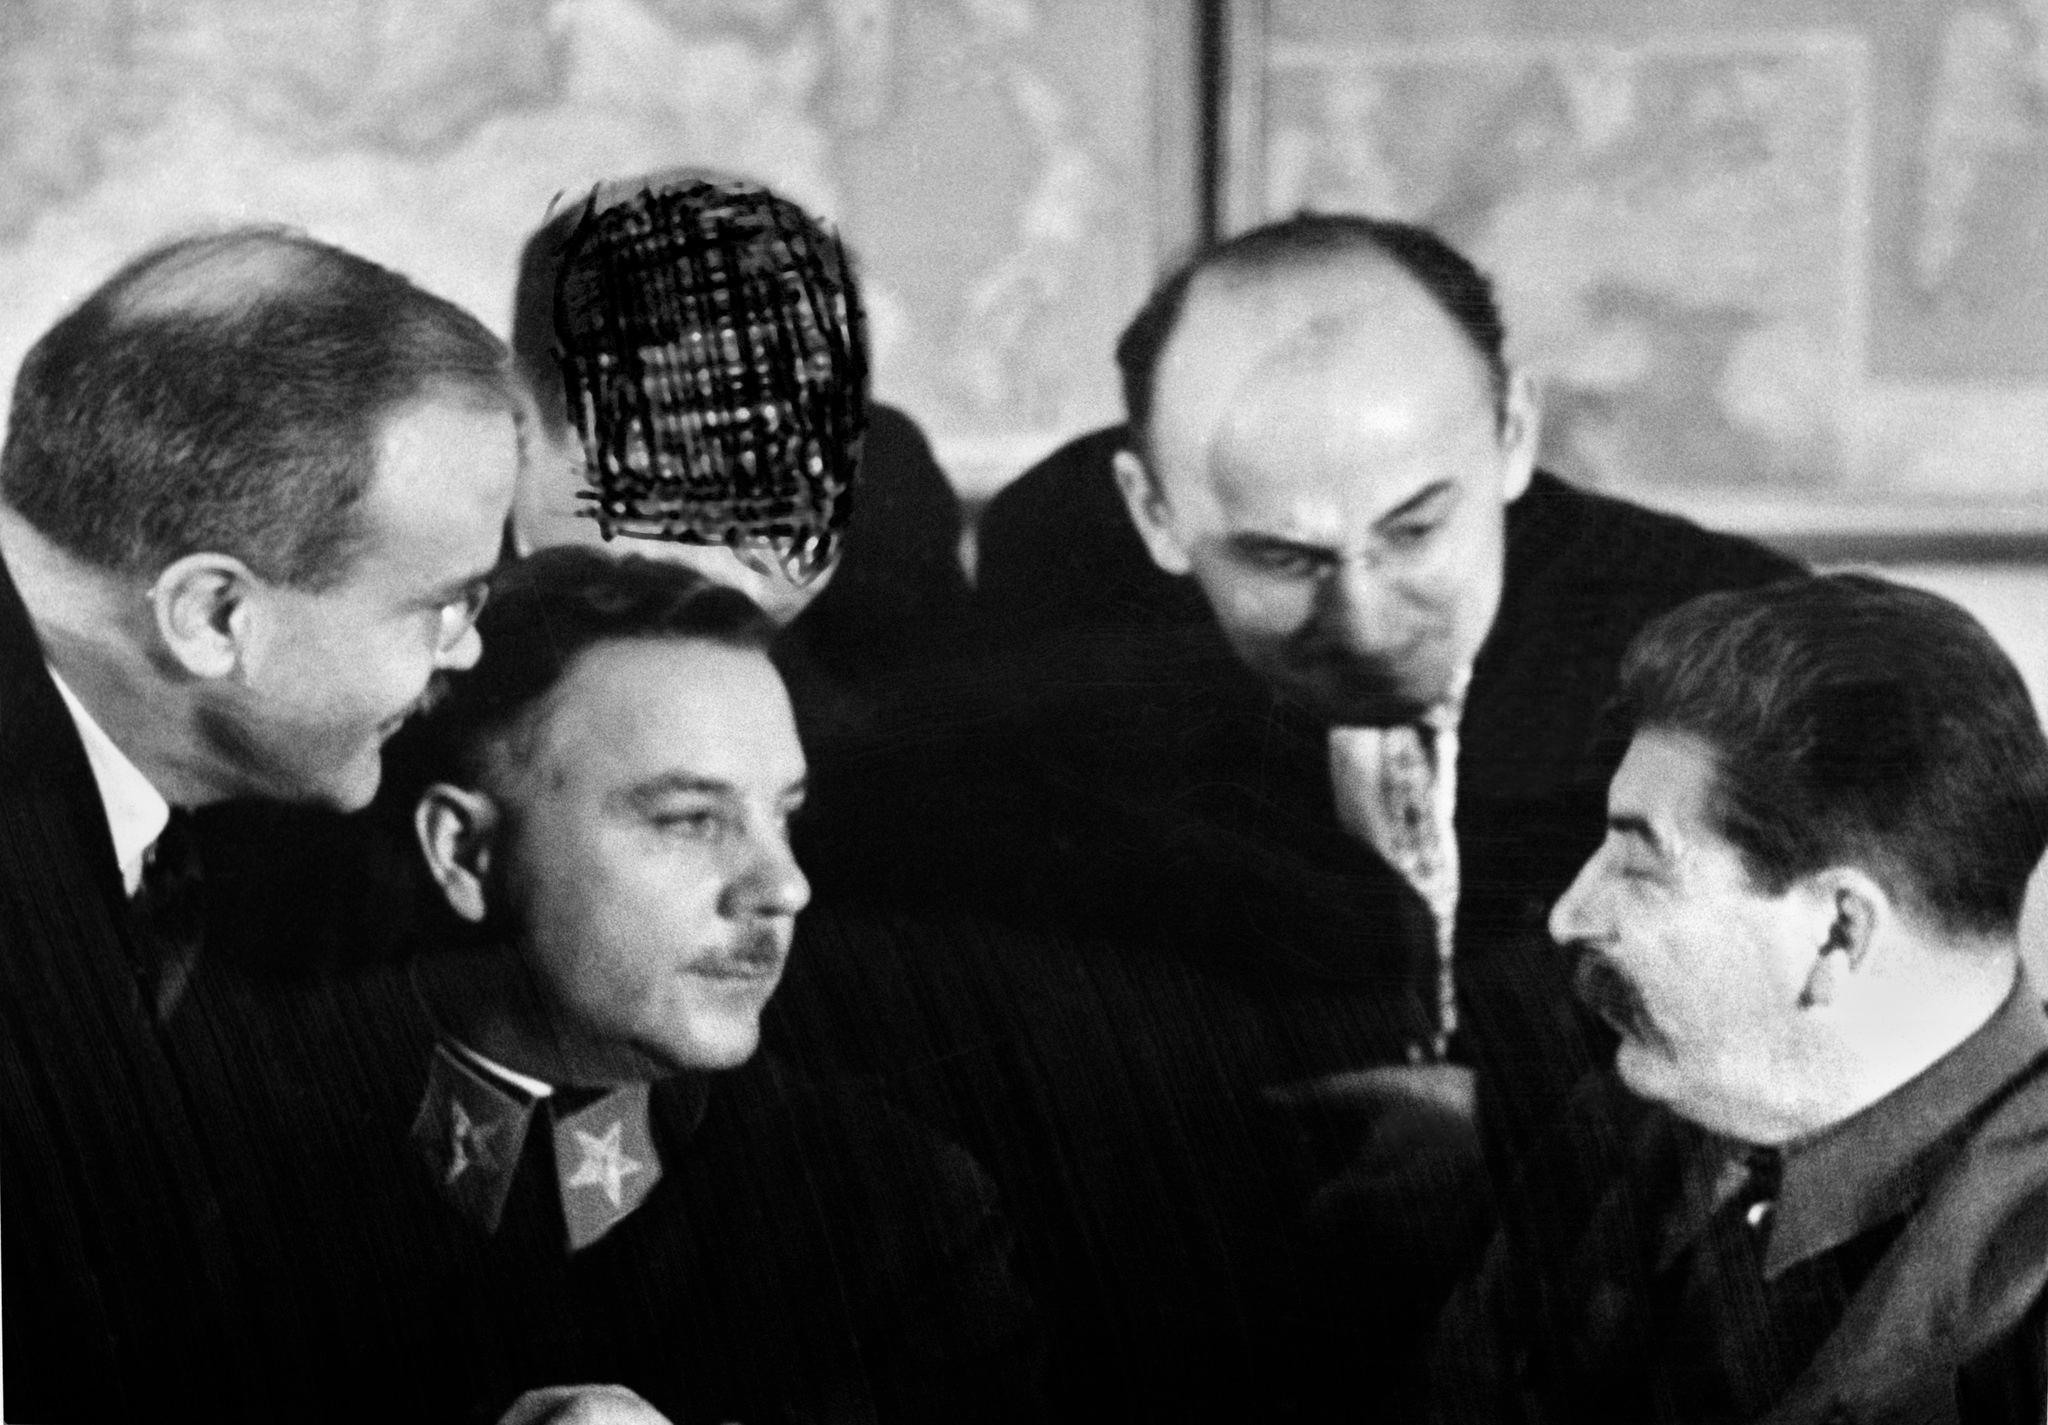 1936. Вячеслав Молотов, Климент Ворошилов, Лаврентий Берия и Иосиф Сталин